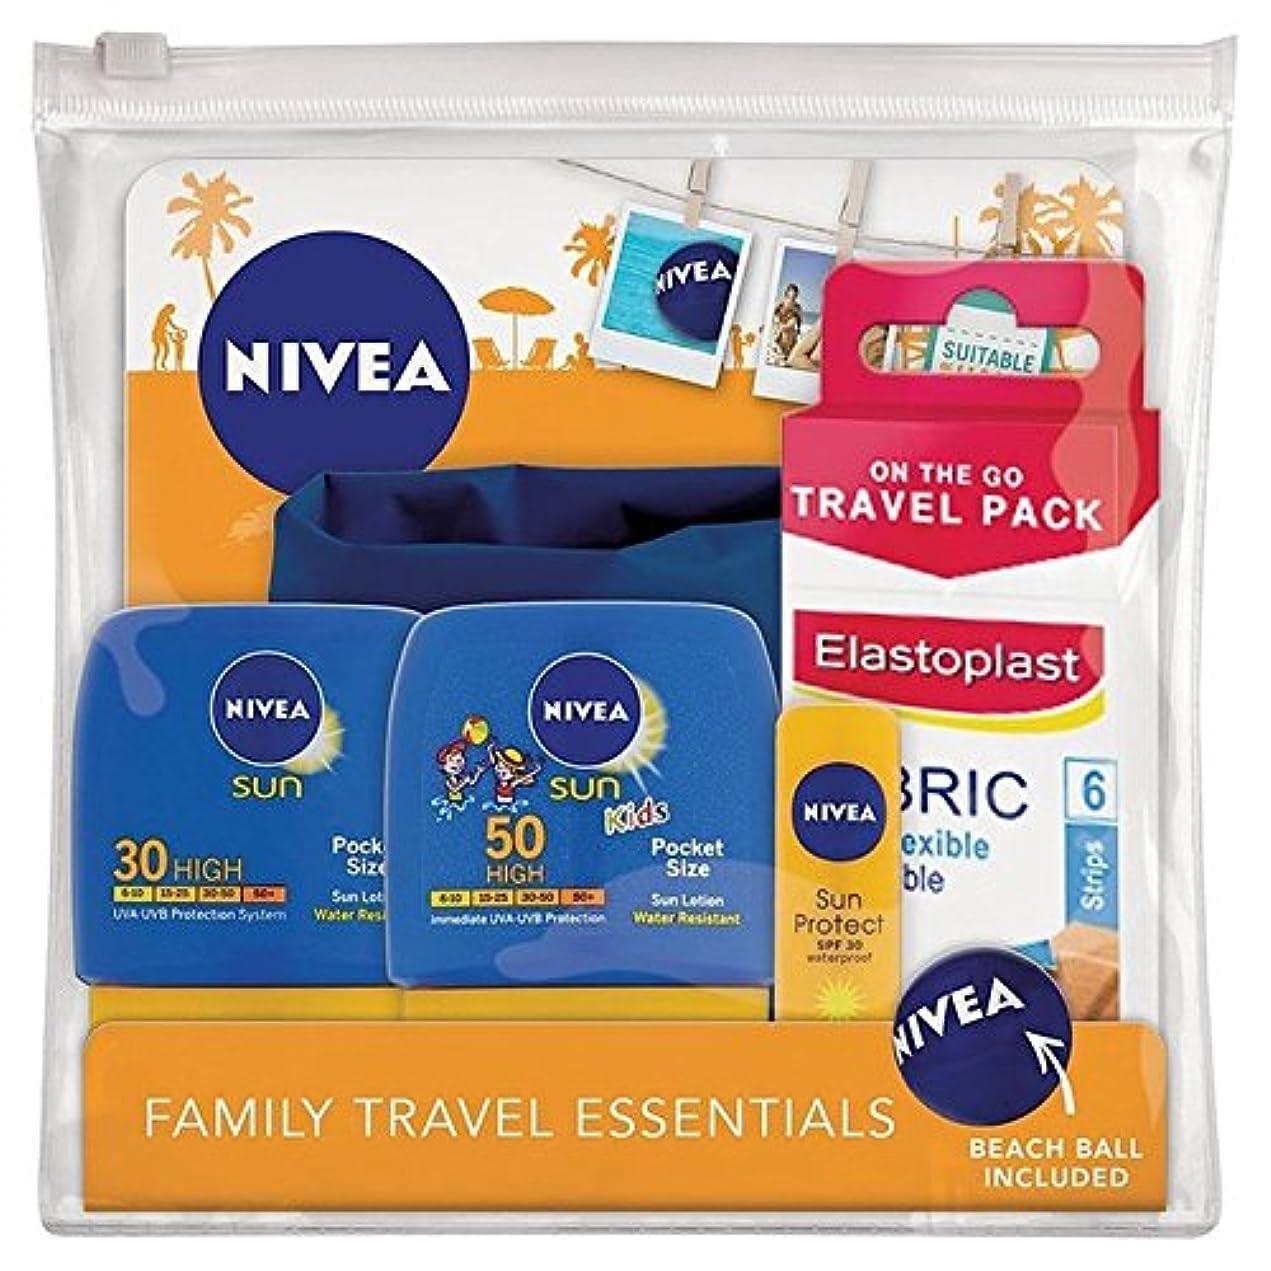 リットル曲線心臓ニベア日旅行パック x4 - Nivea Sun Travel Pack (Pack of 4) [並行輸入品]